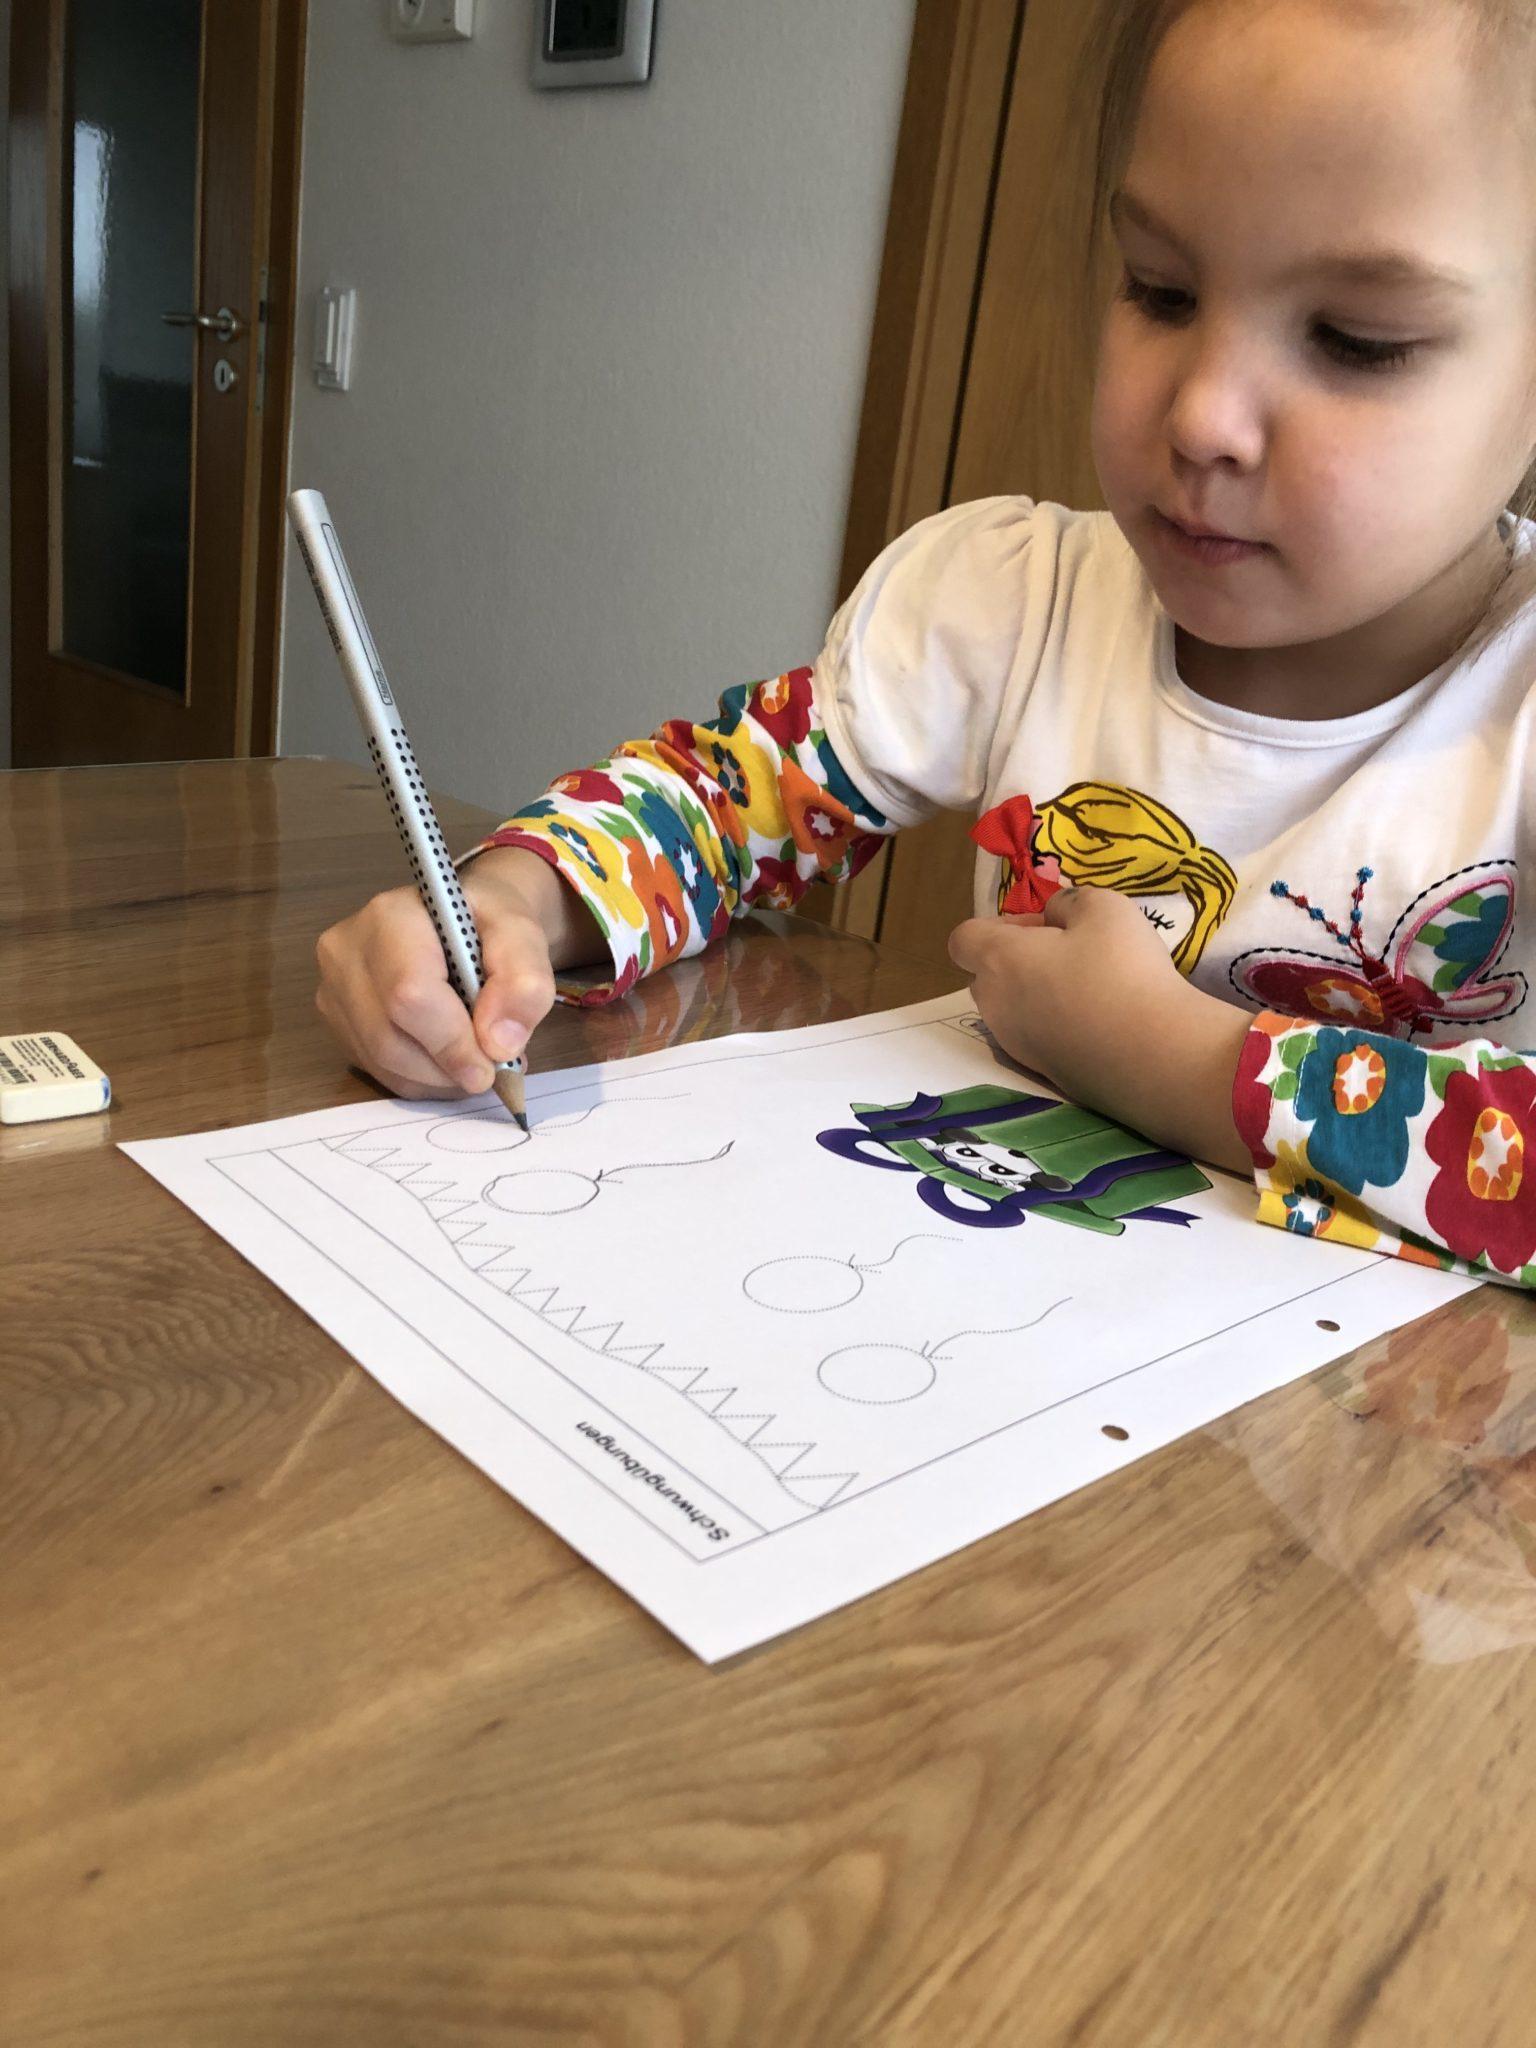 Buchstaben schreiben lernen